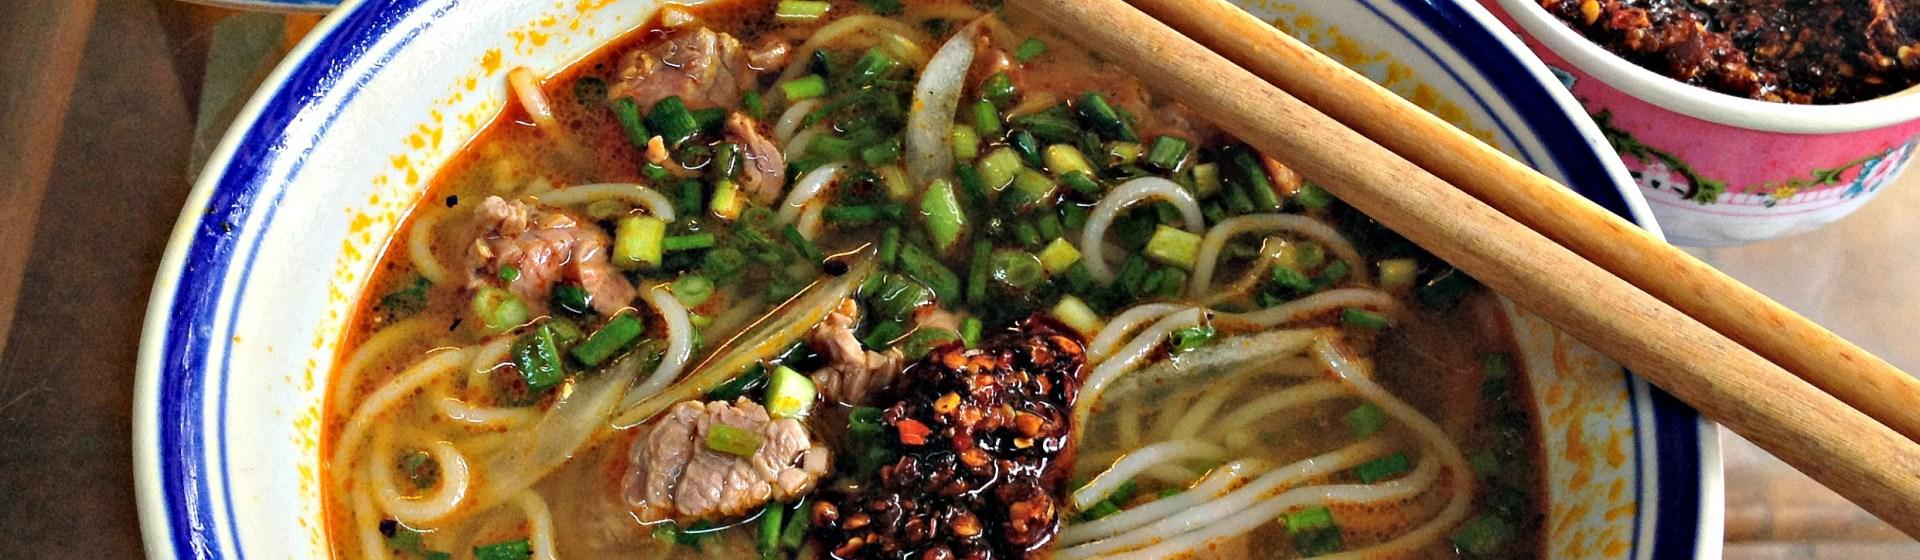 Typical Bún bò Huế up close